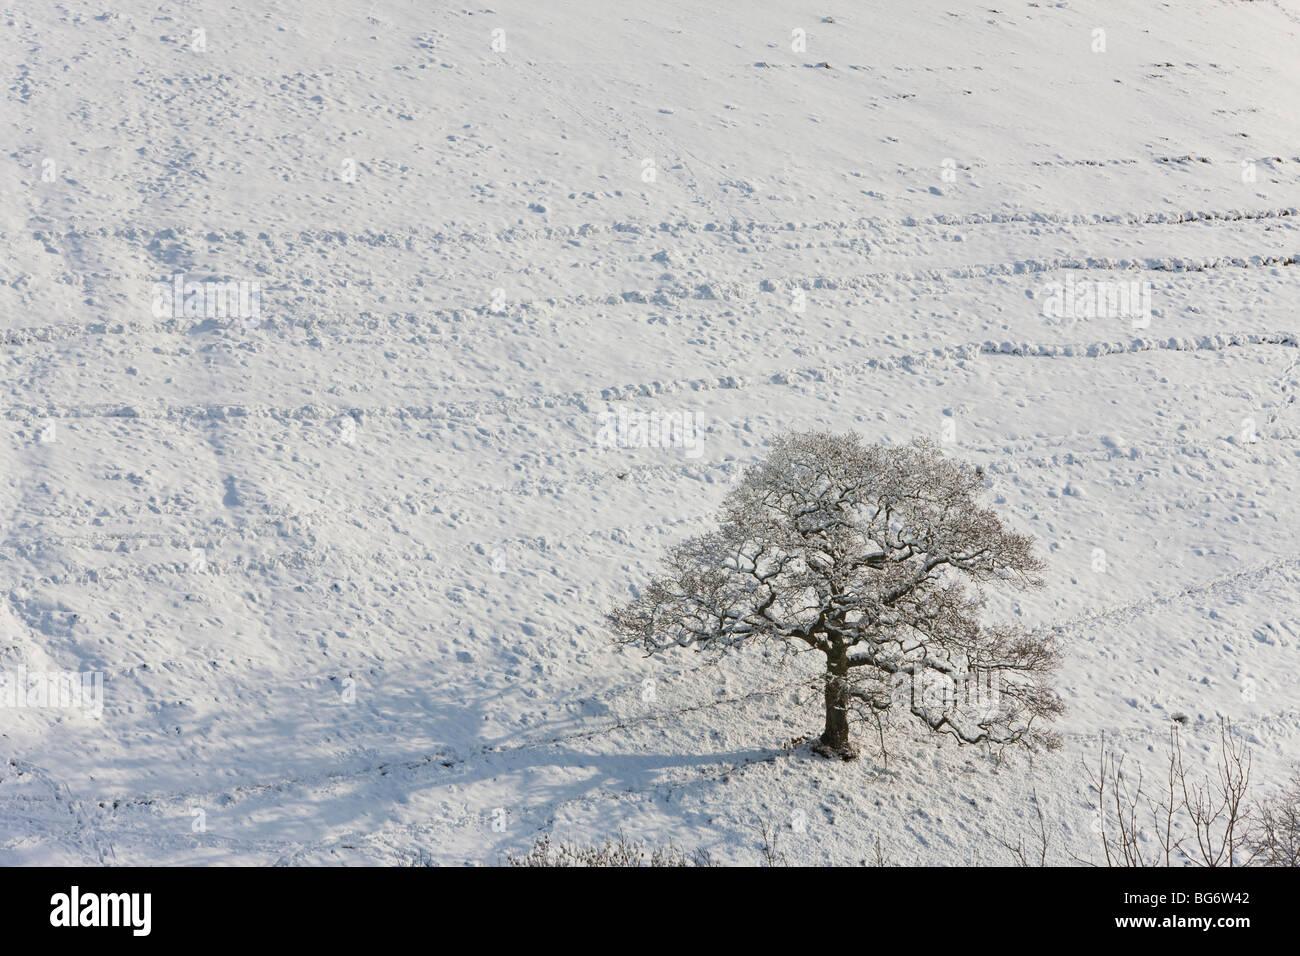 Albero di inverno e neve, Gloucestershire, Regno Unito Immagini Stock